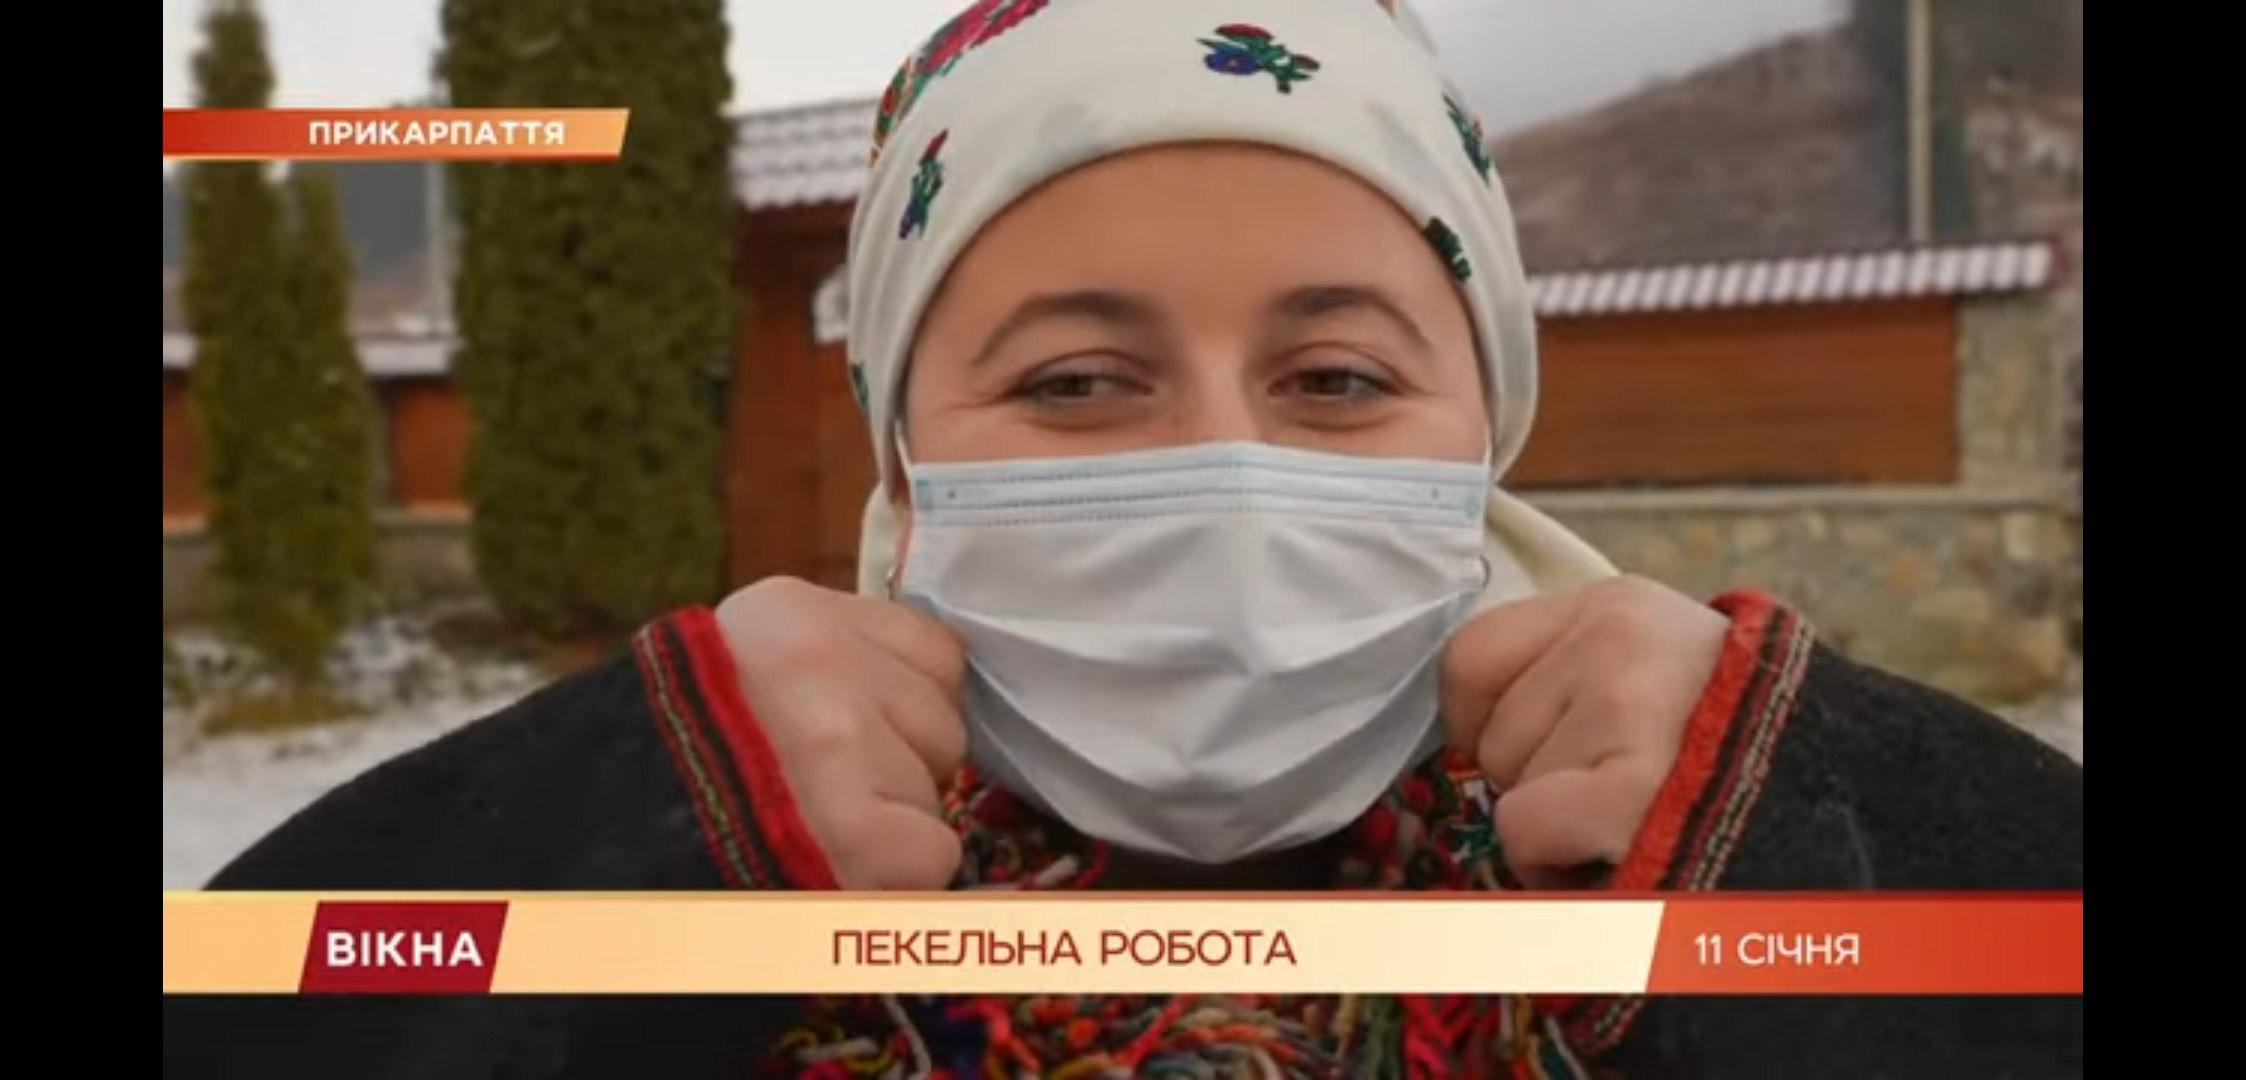 """""""Скигніт гет то"""": на Прикарпатті пацієнти """"виховують"""" лікарку за маску (ВІДЕО)"""